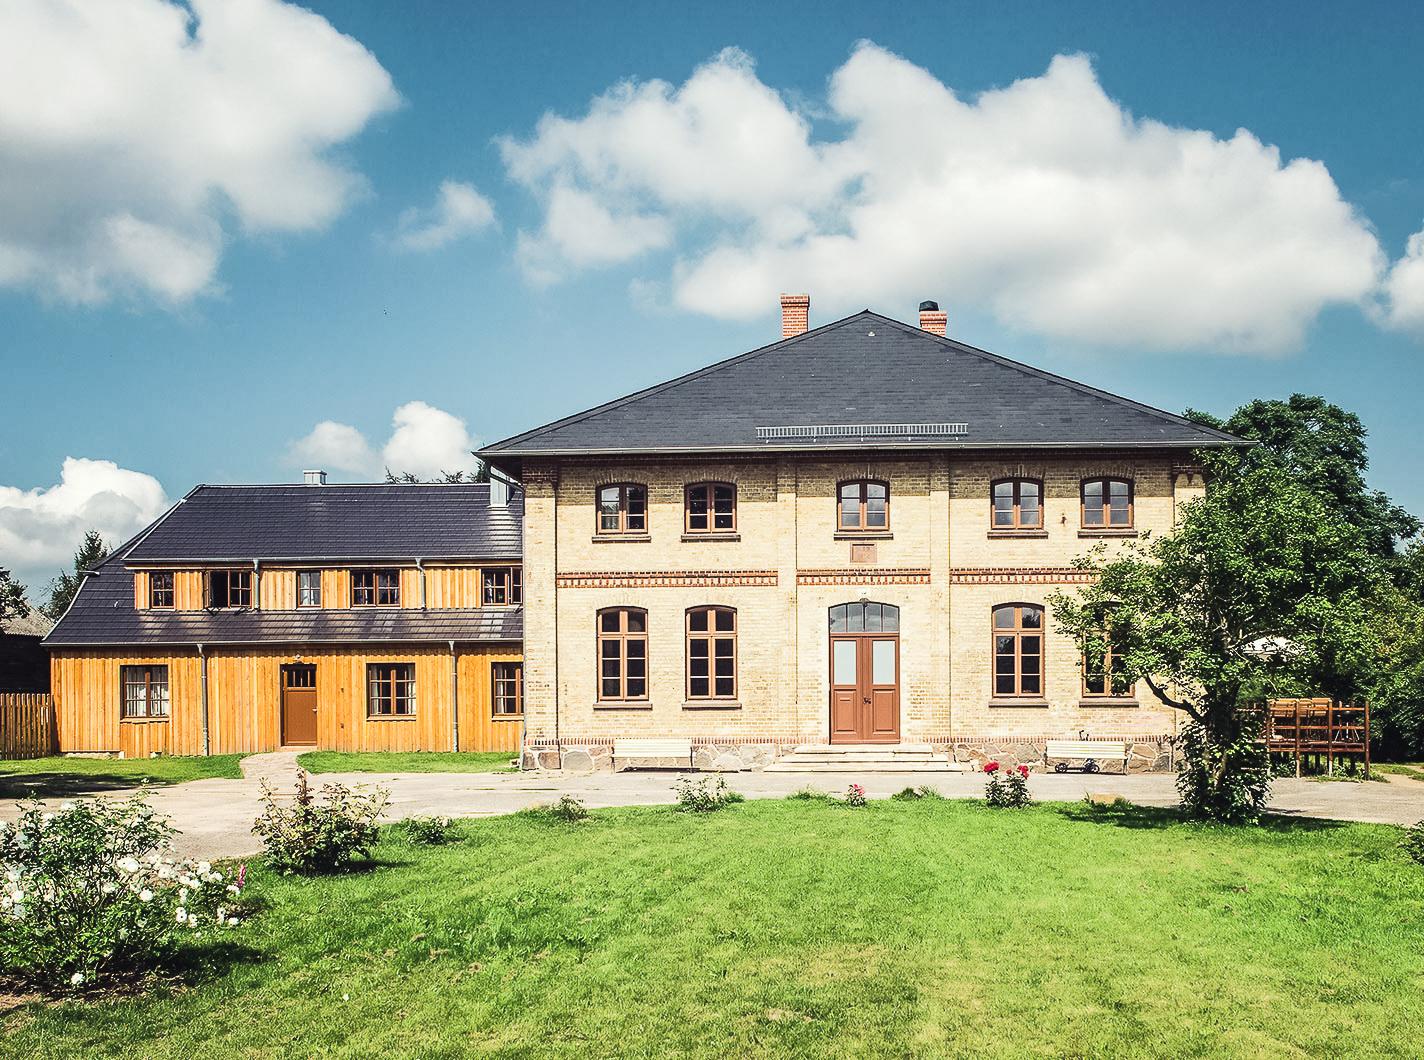 An der Mecklenburgischen Seenplatte liegt das wunderschöne Gutshaus Lexow